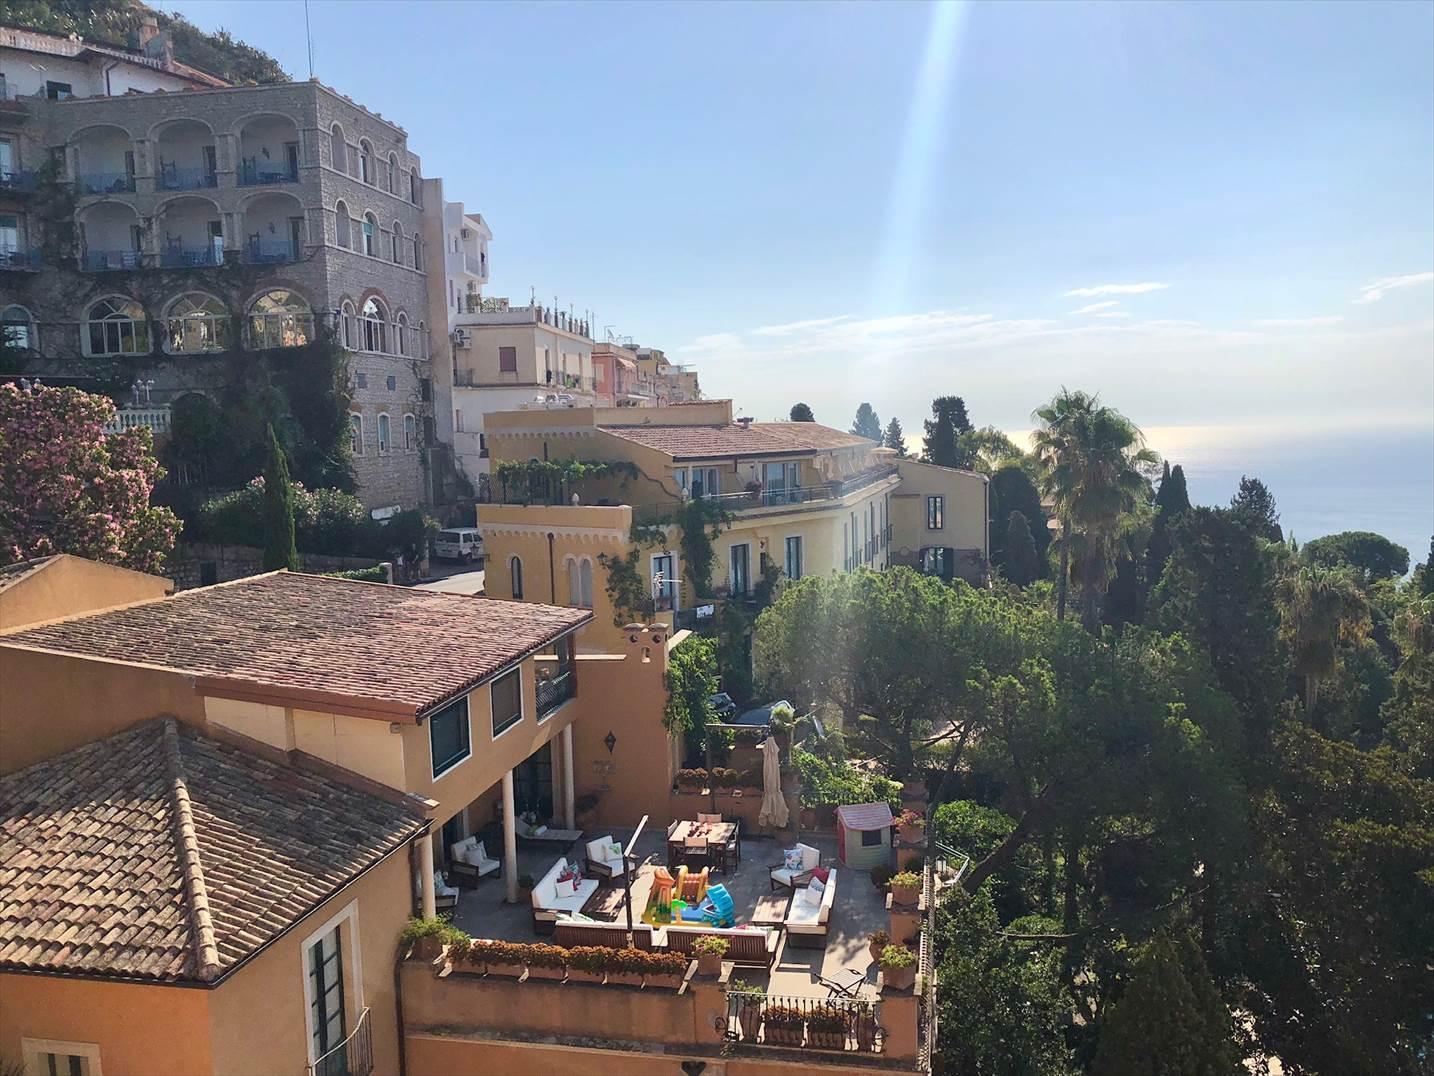 シチリア/41 タオルミーナのホテル Villa Diodoro_a0092659_18470823.jpg